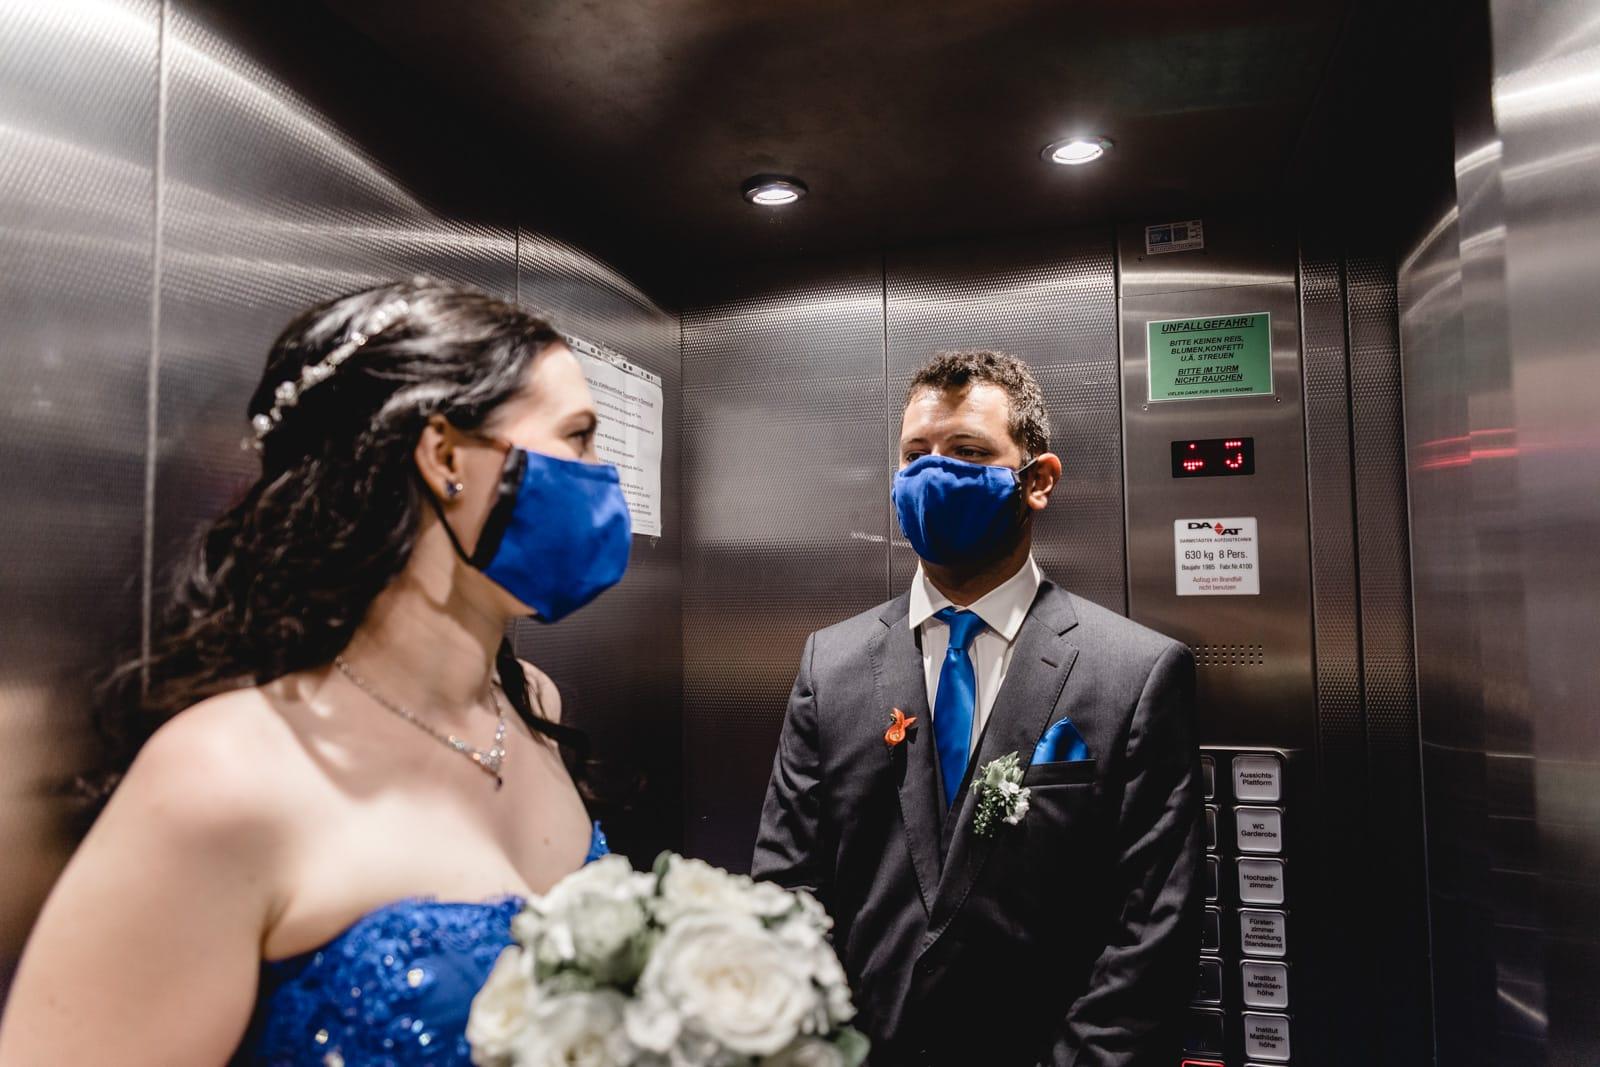 Brautpaar im Aufzug des Hochzeitsturm